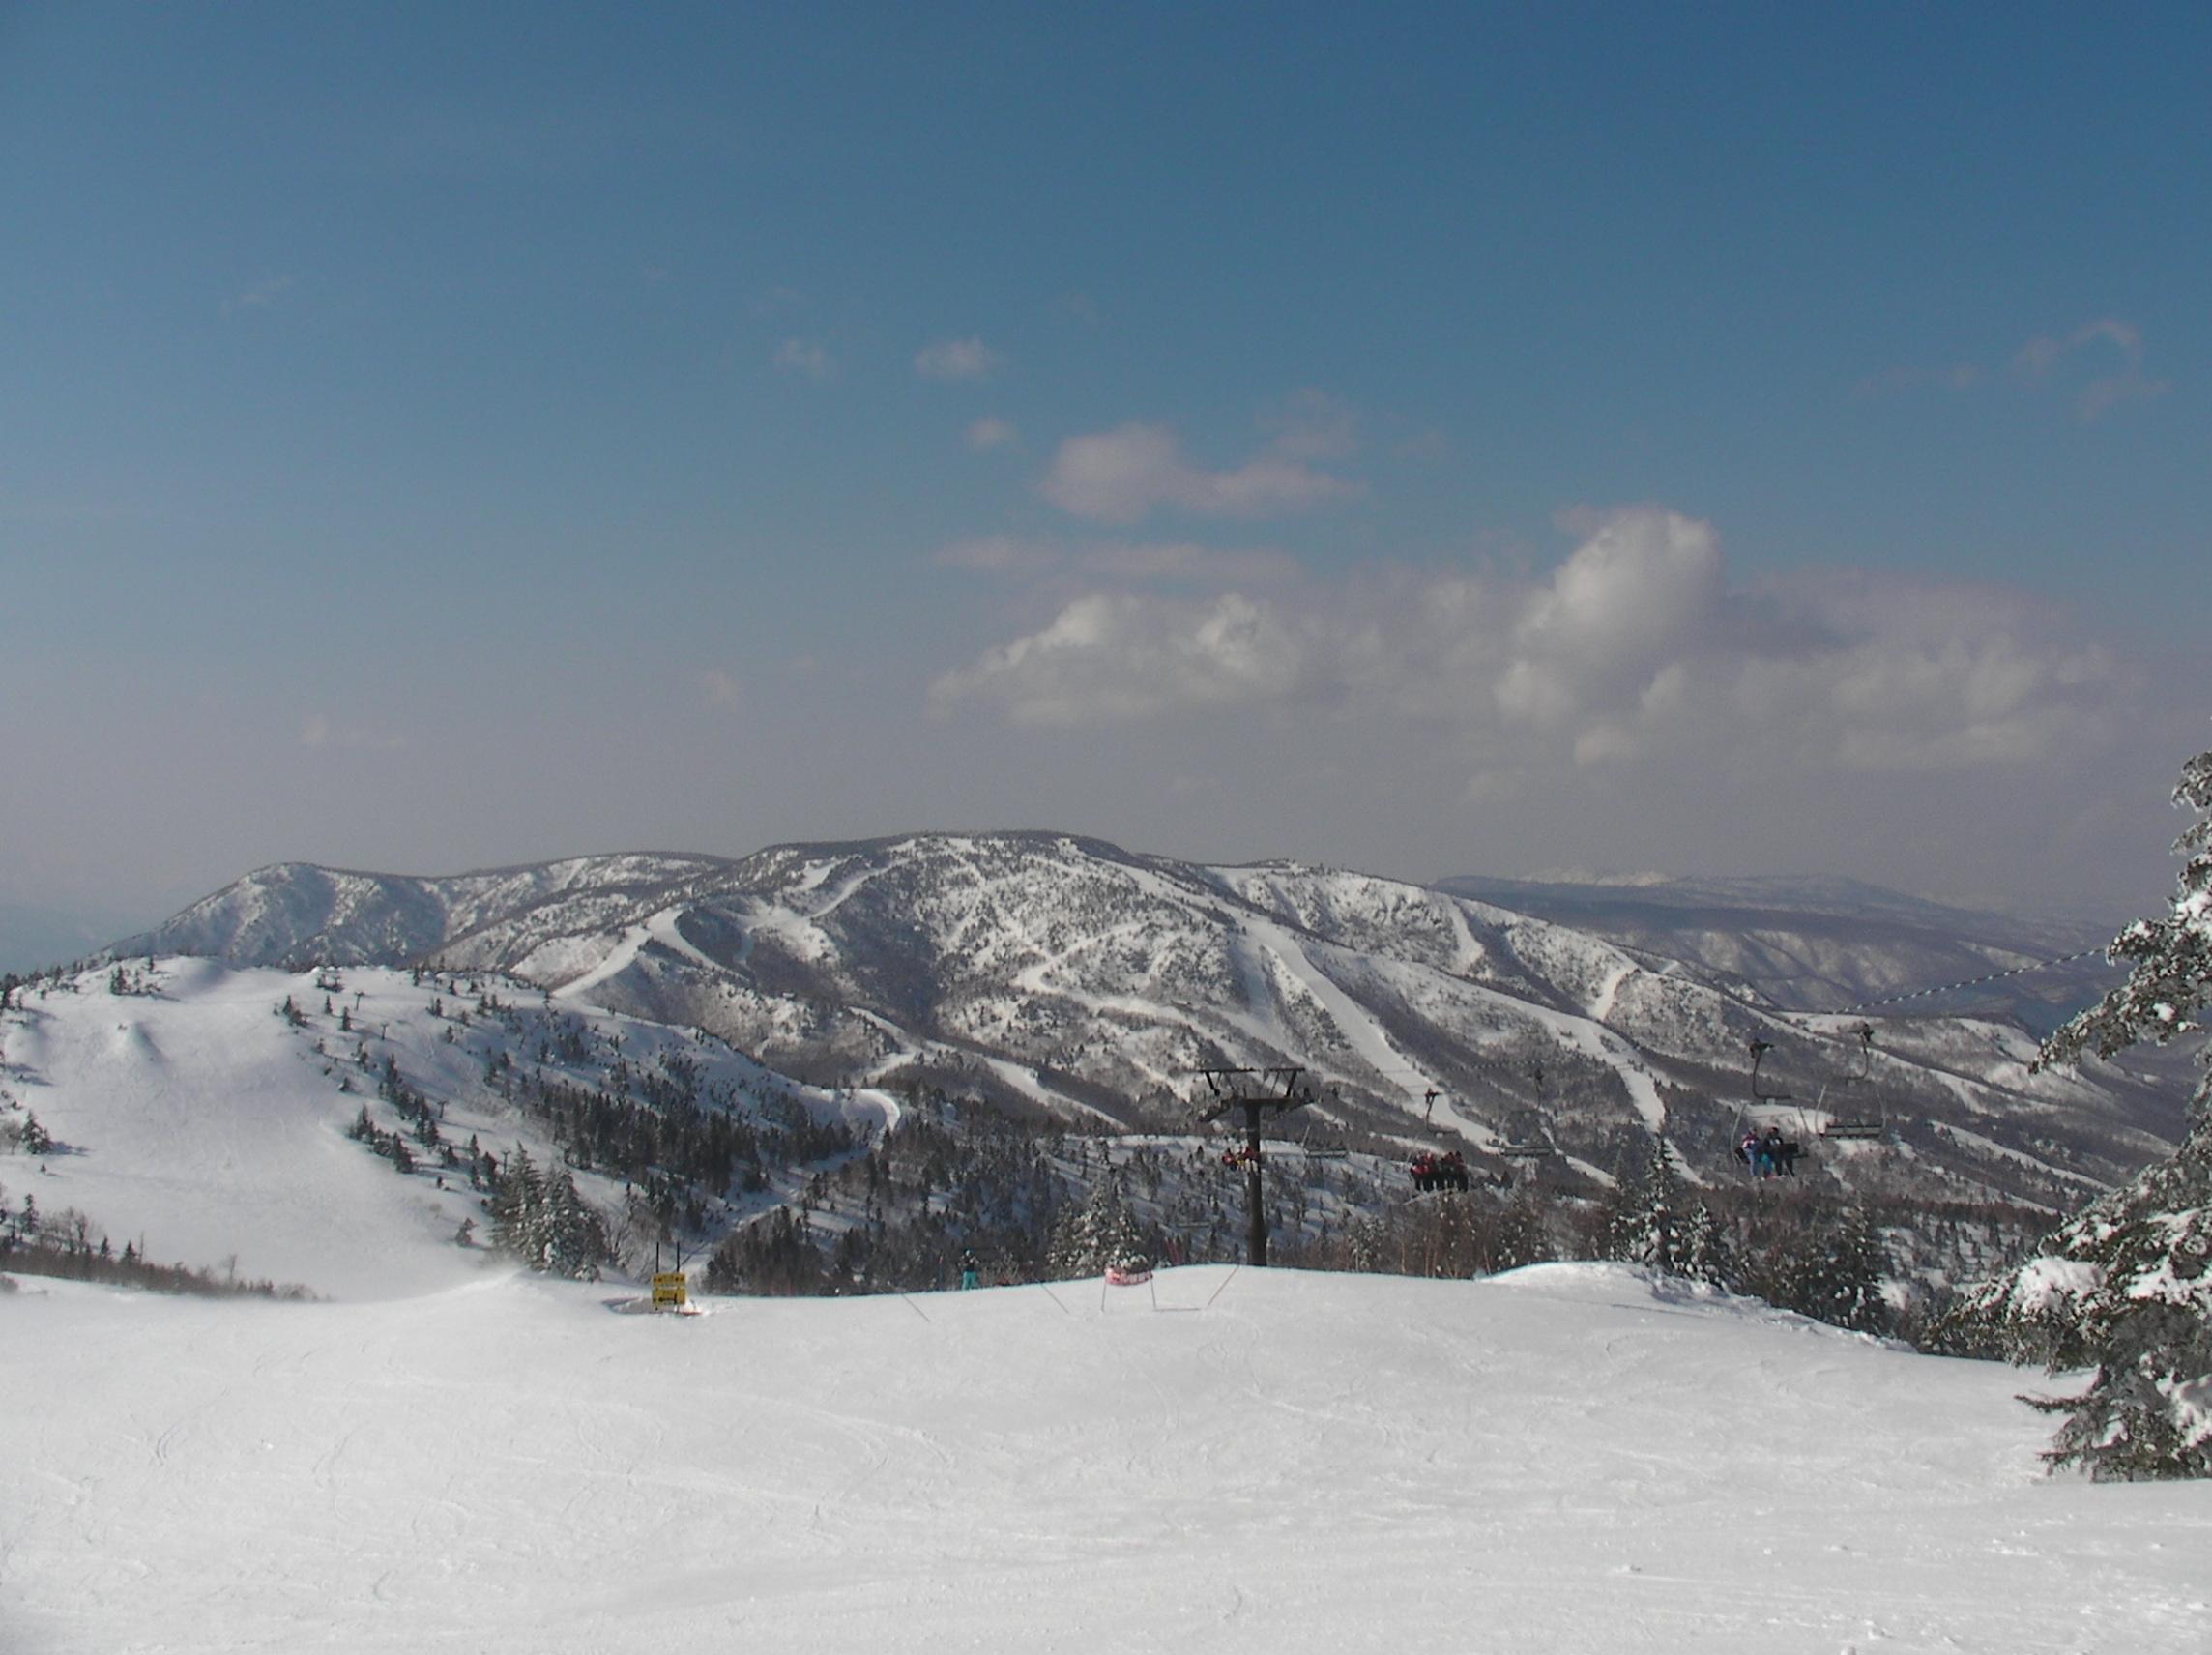 志賀高原スキー場全景